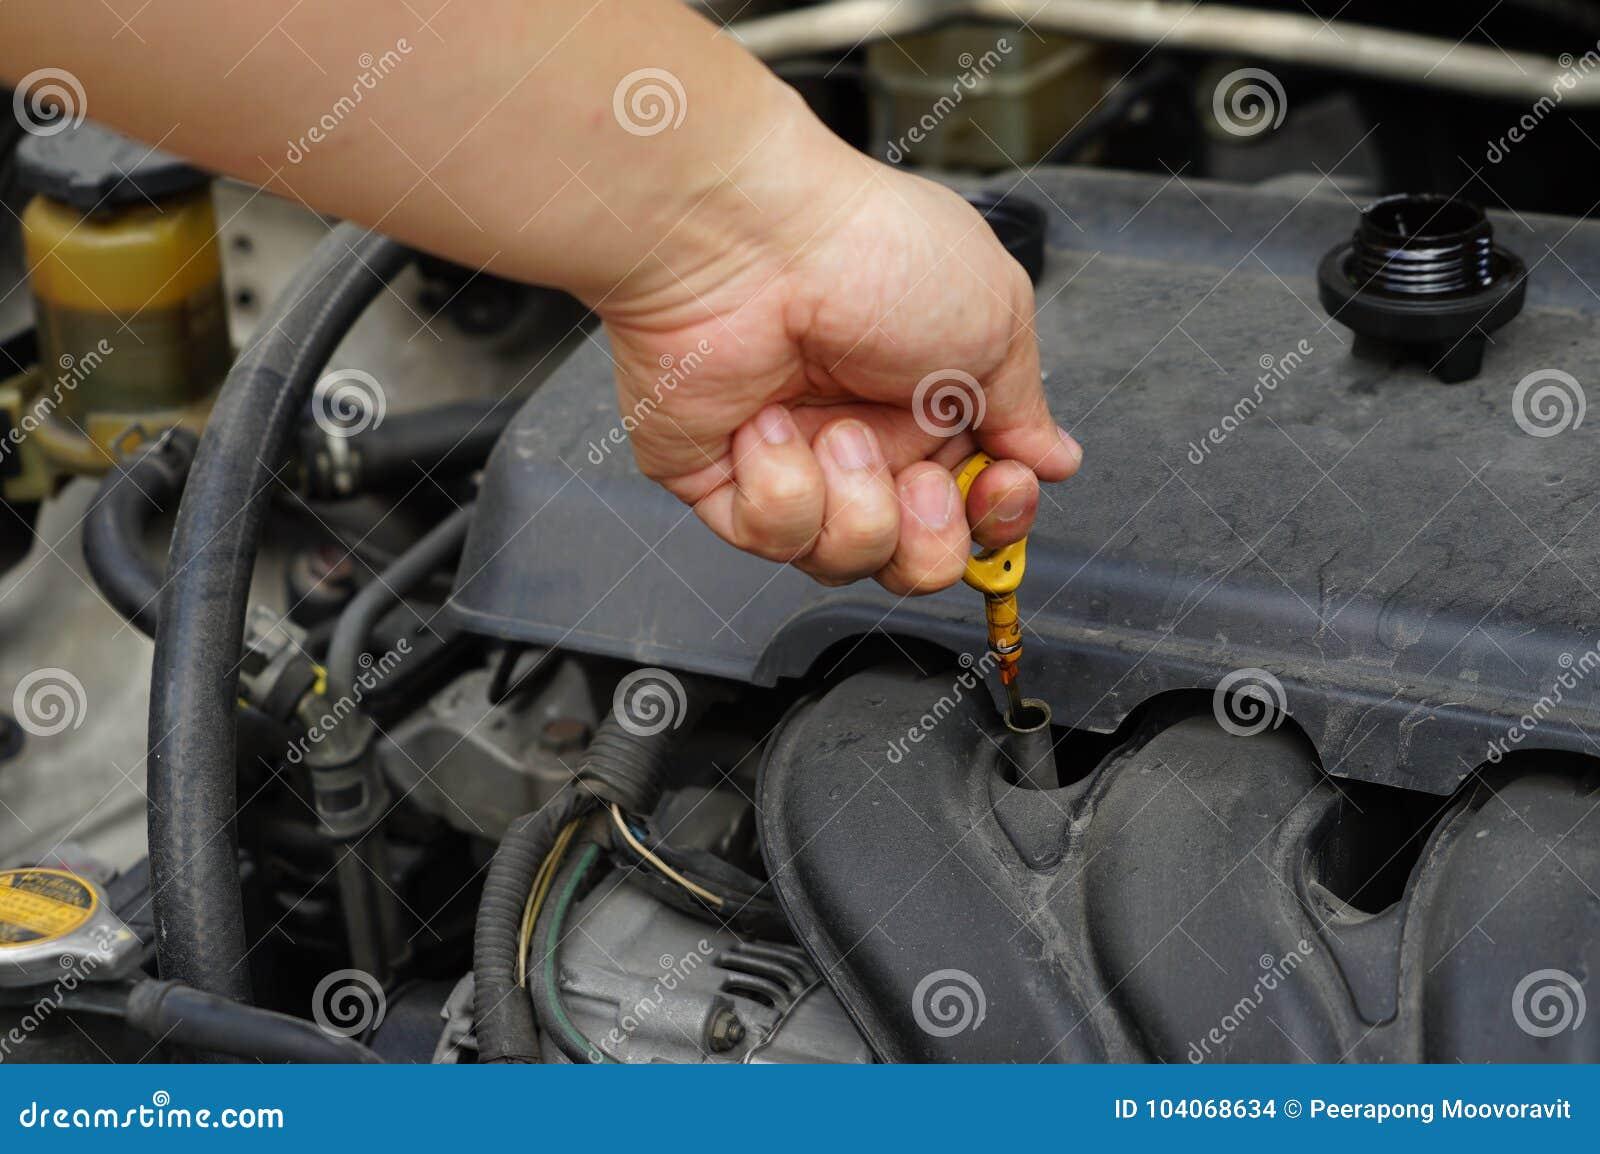 Controllo automobilistico del motore del livello di olio di manutenzione